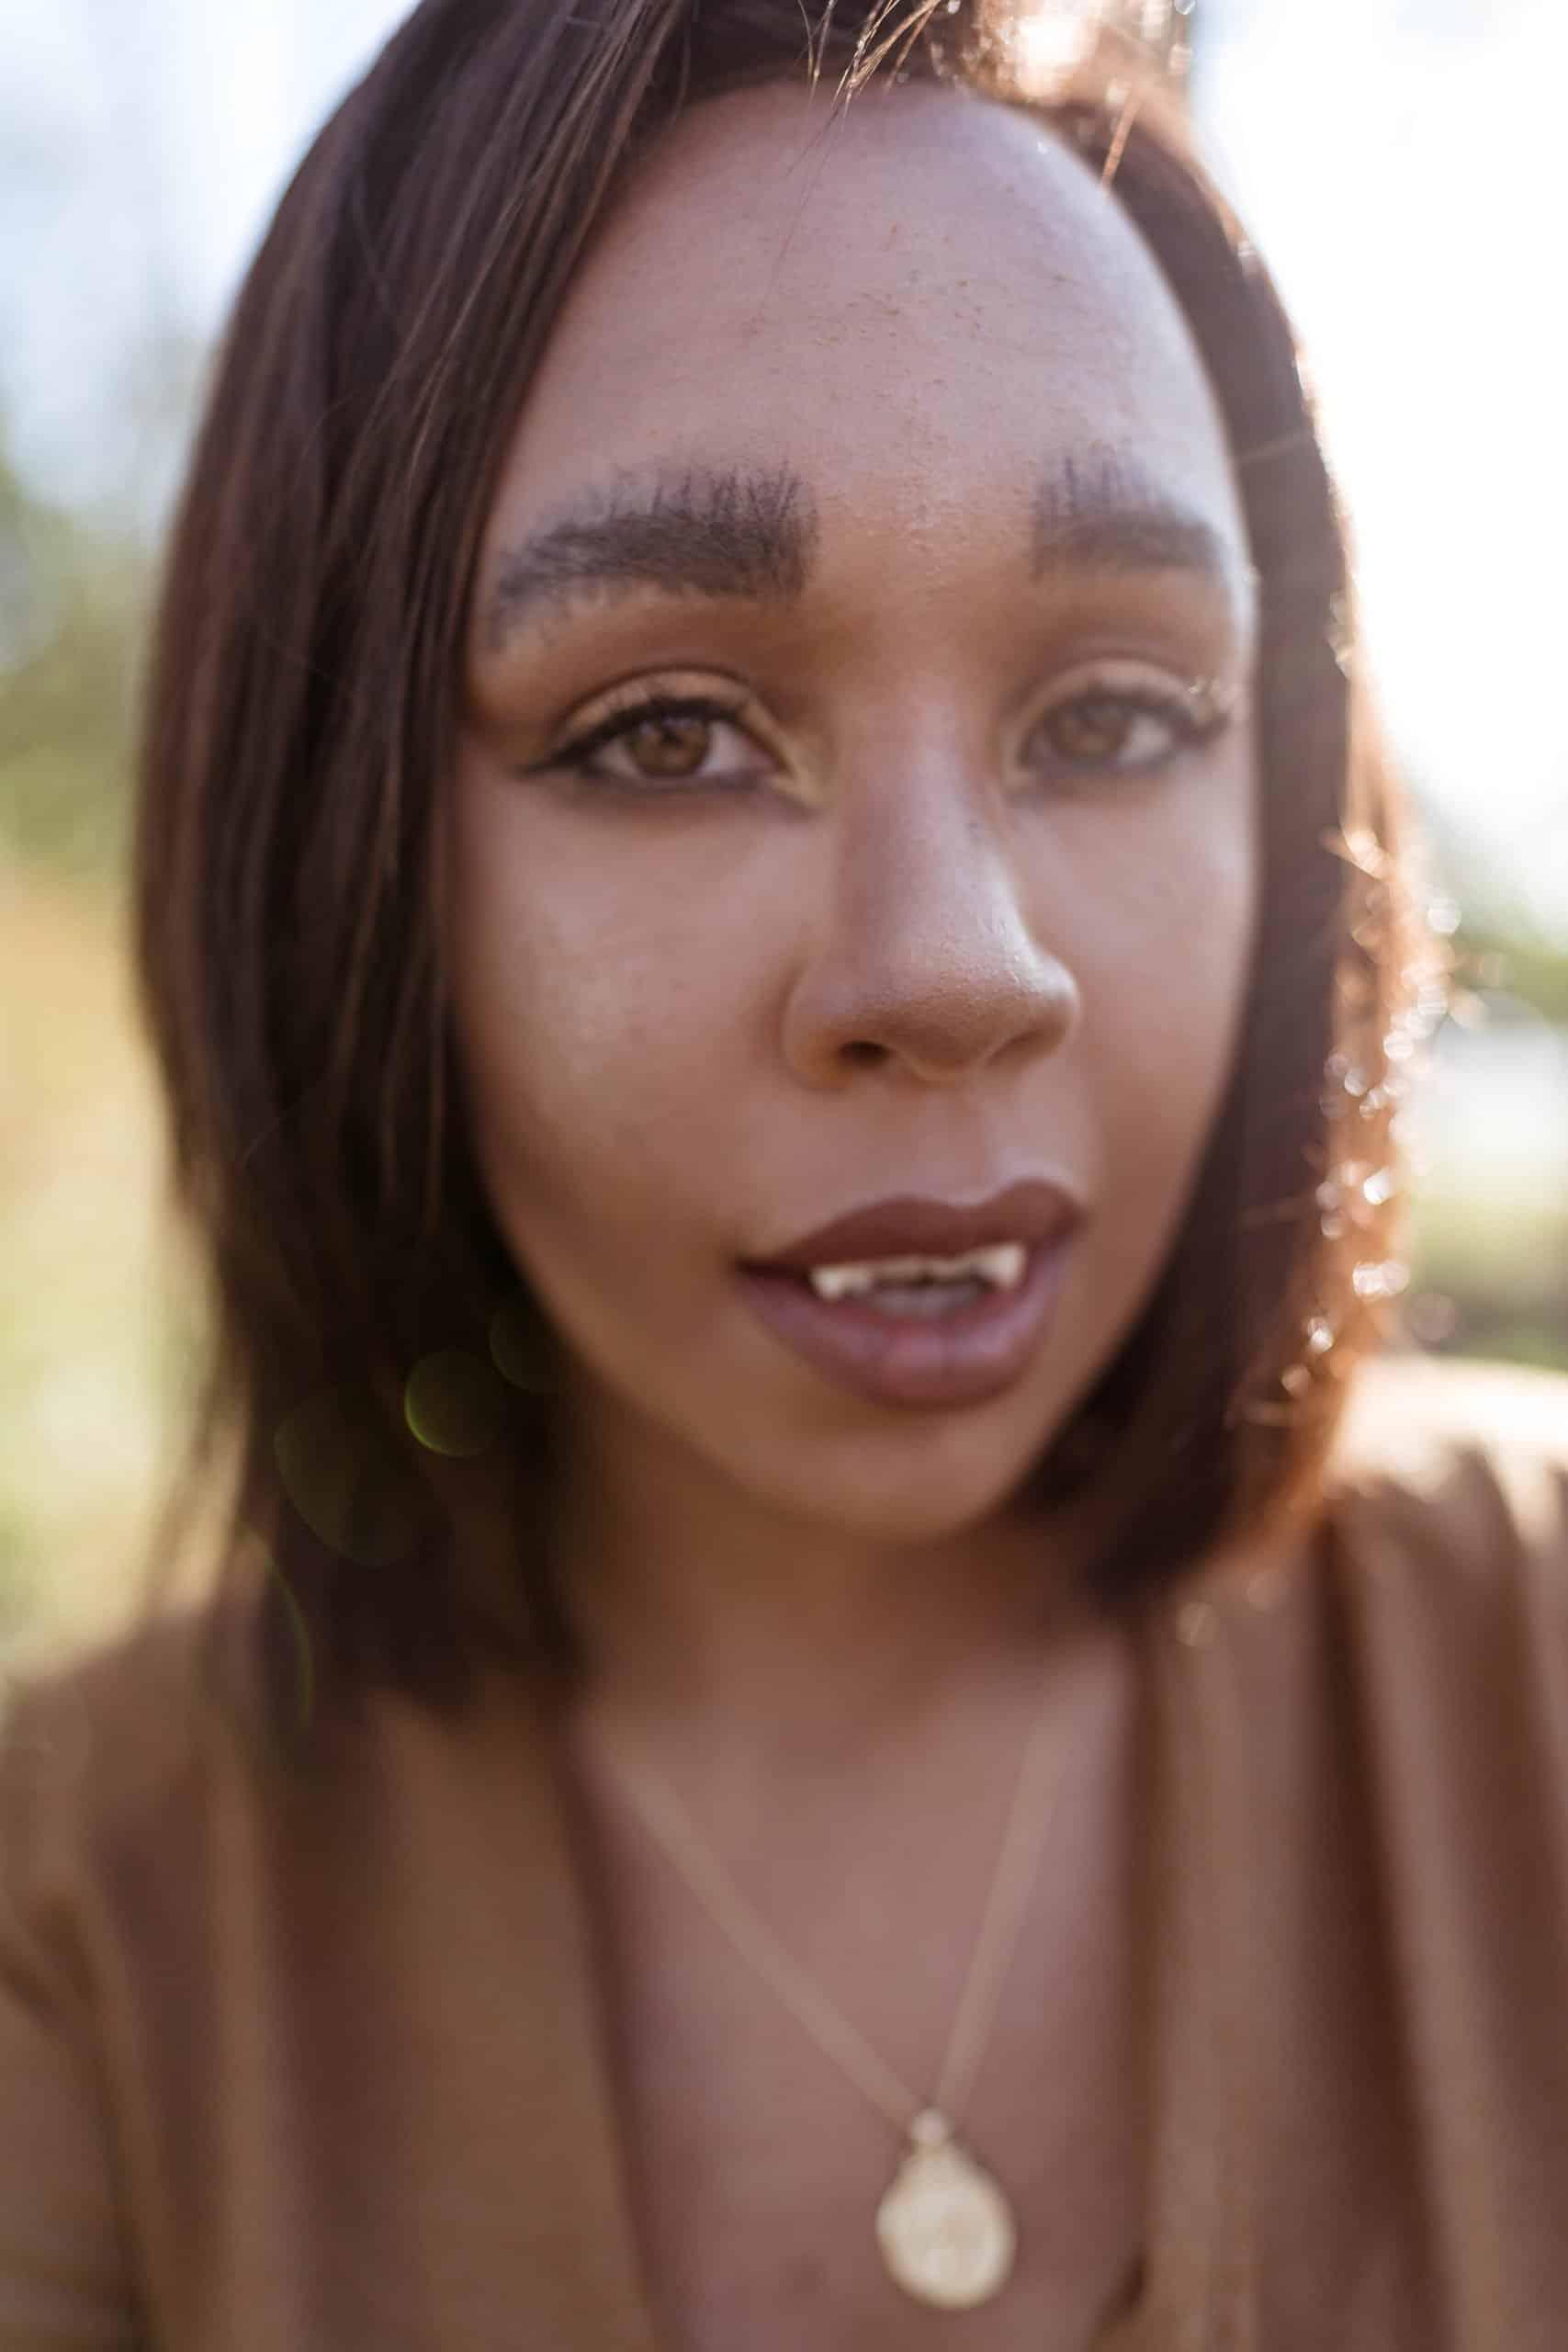 livinglesh woman werewolf makeup